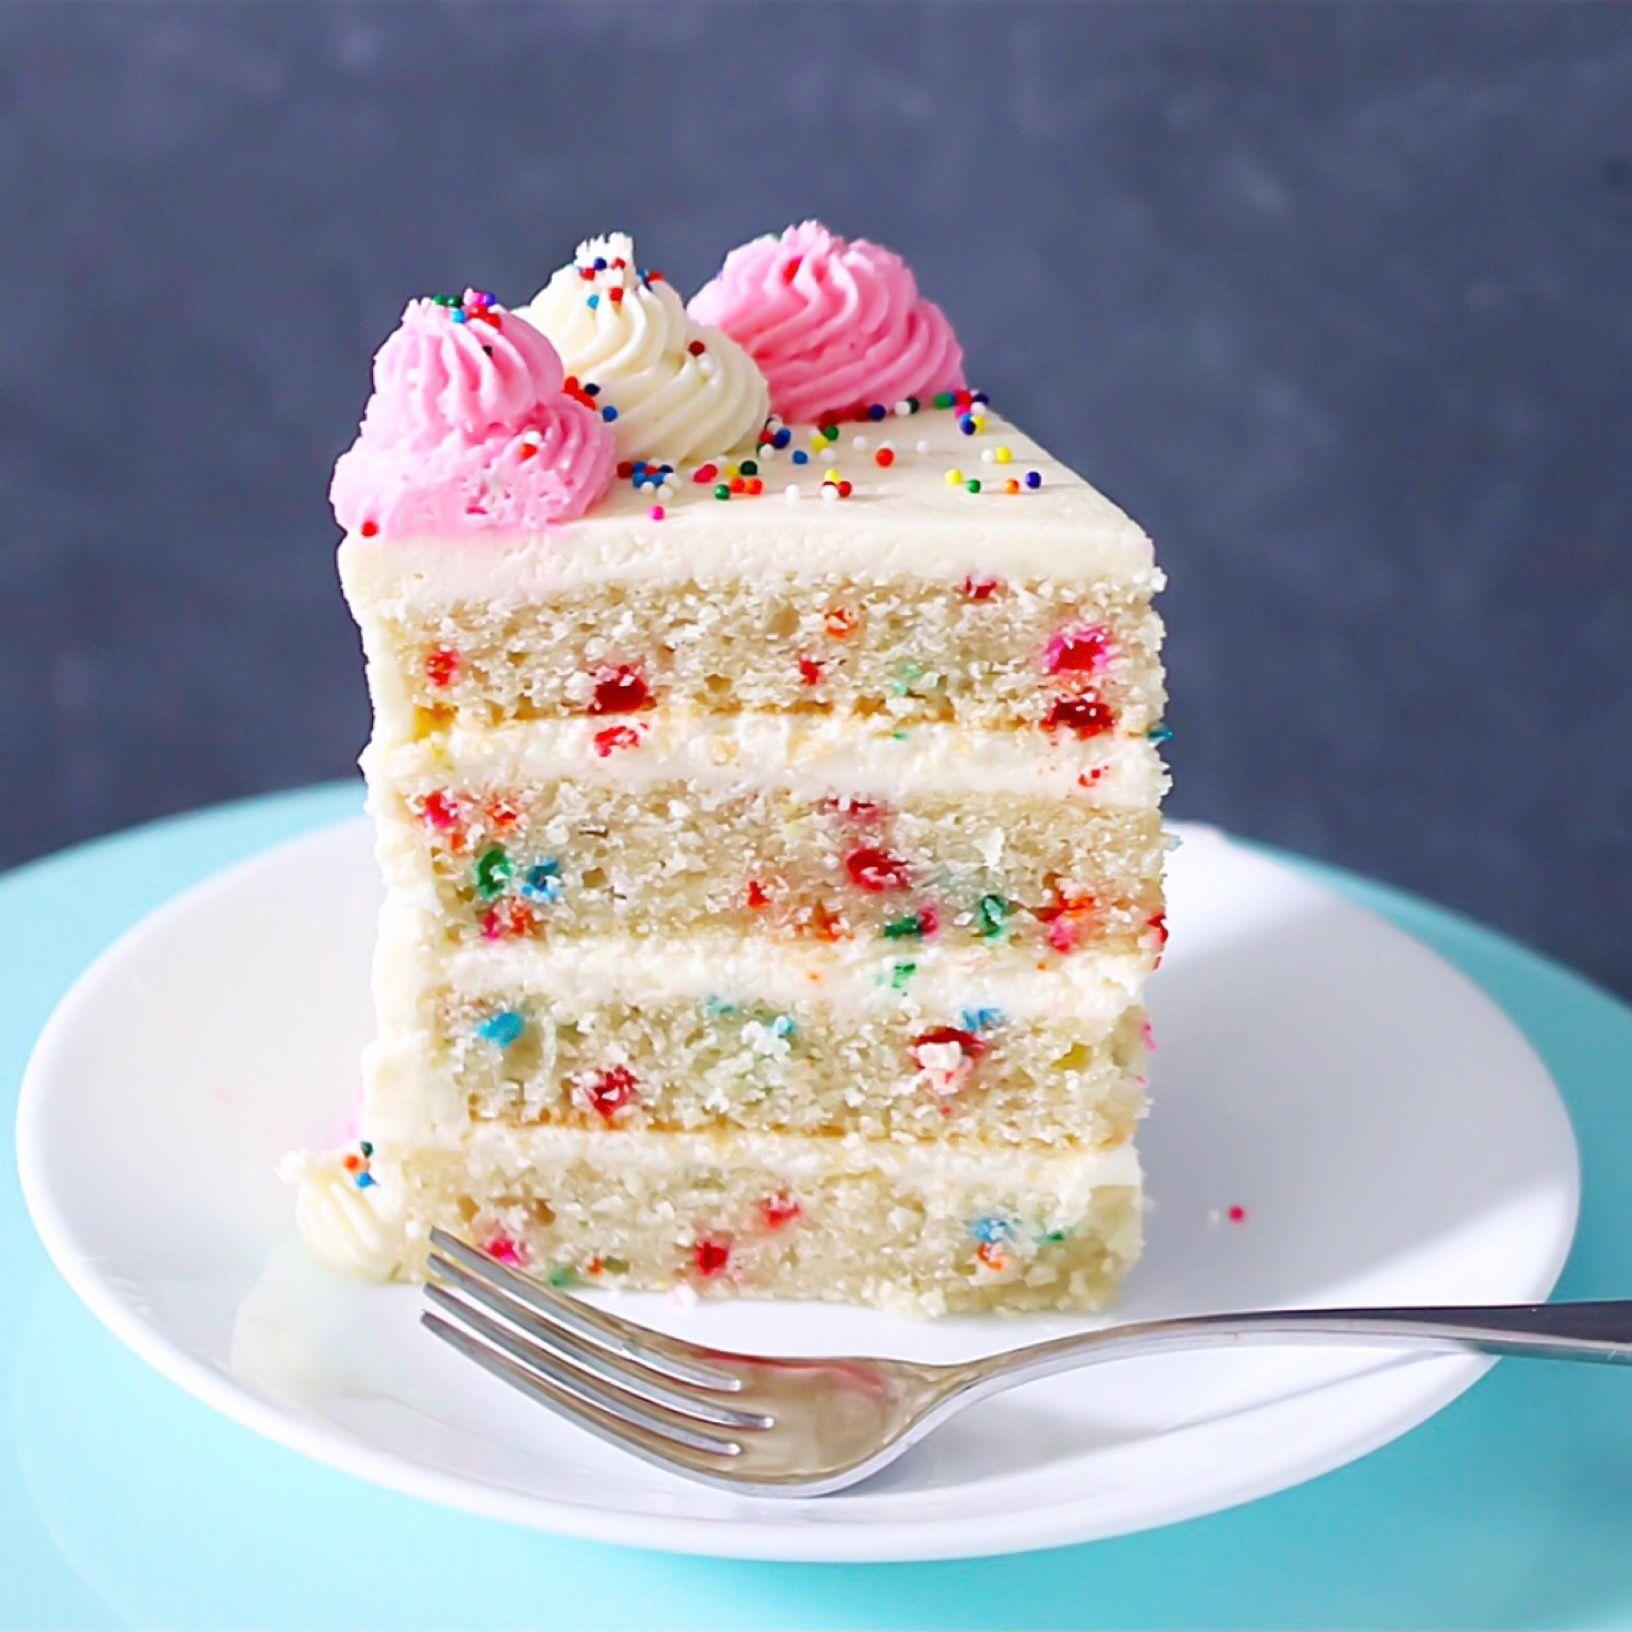 Grainfree funfetti cake recipe funfetti cake cake